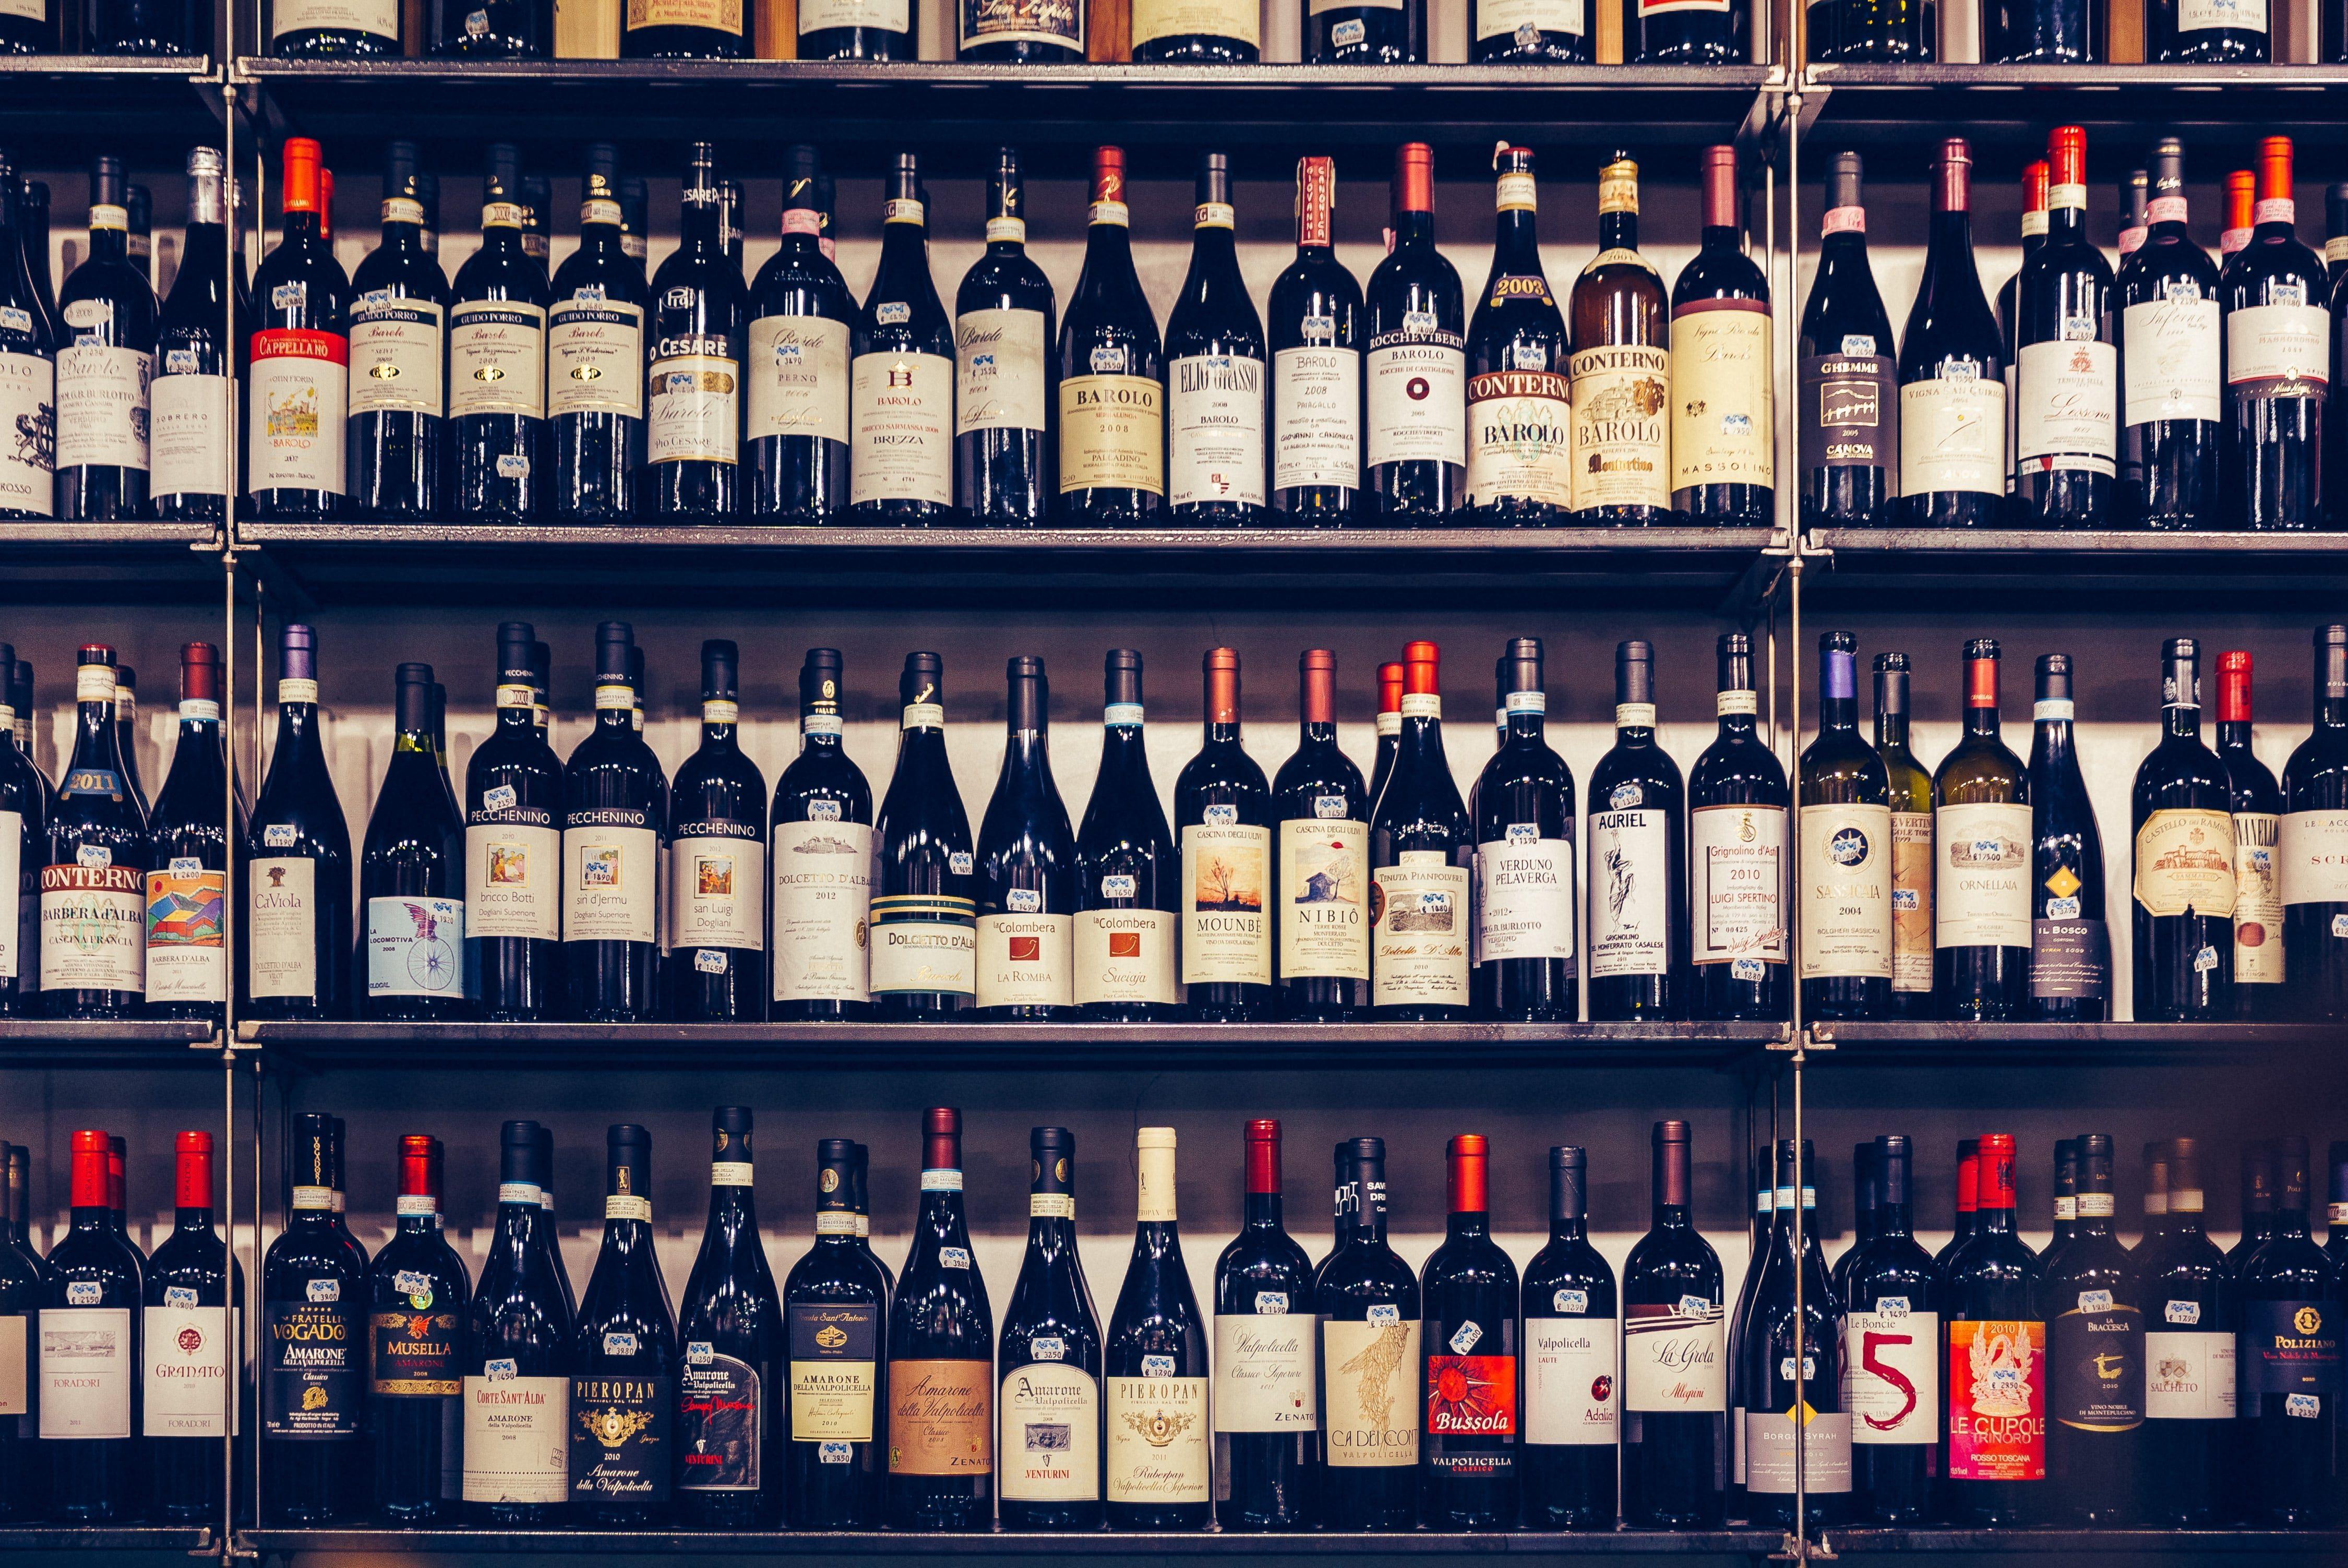 Roscioli crea una piattaforma web gratuita per tutti gli appassionati di vino